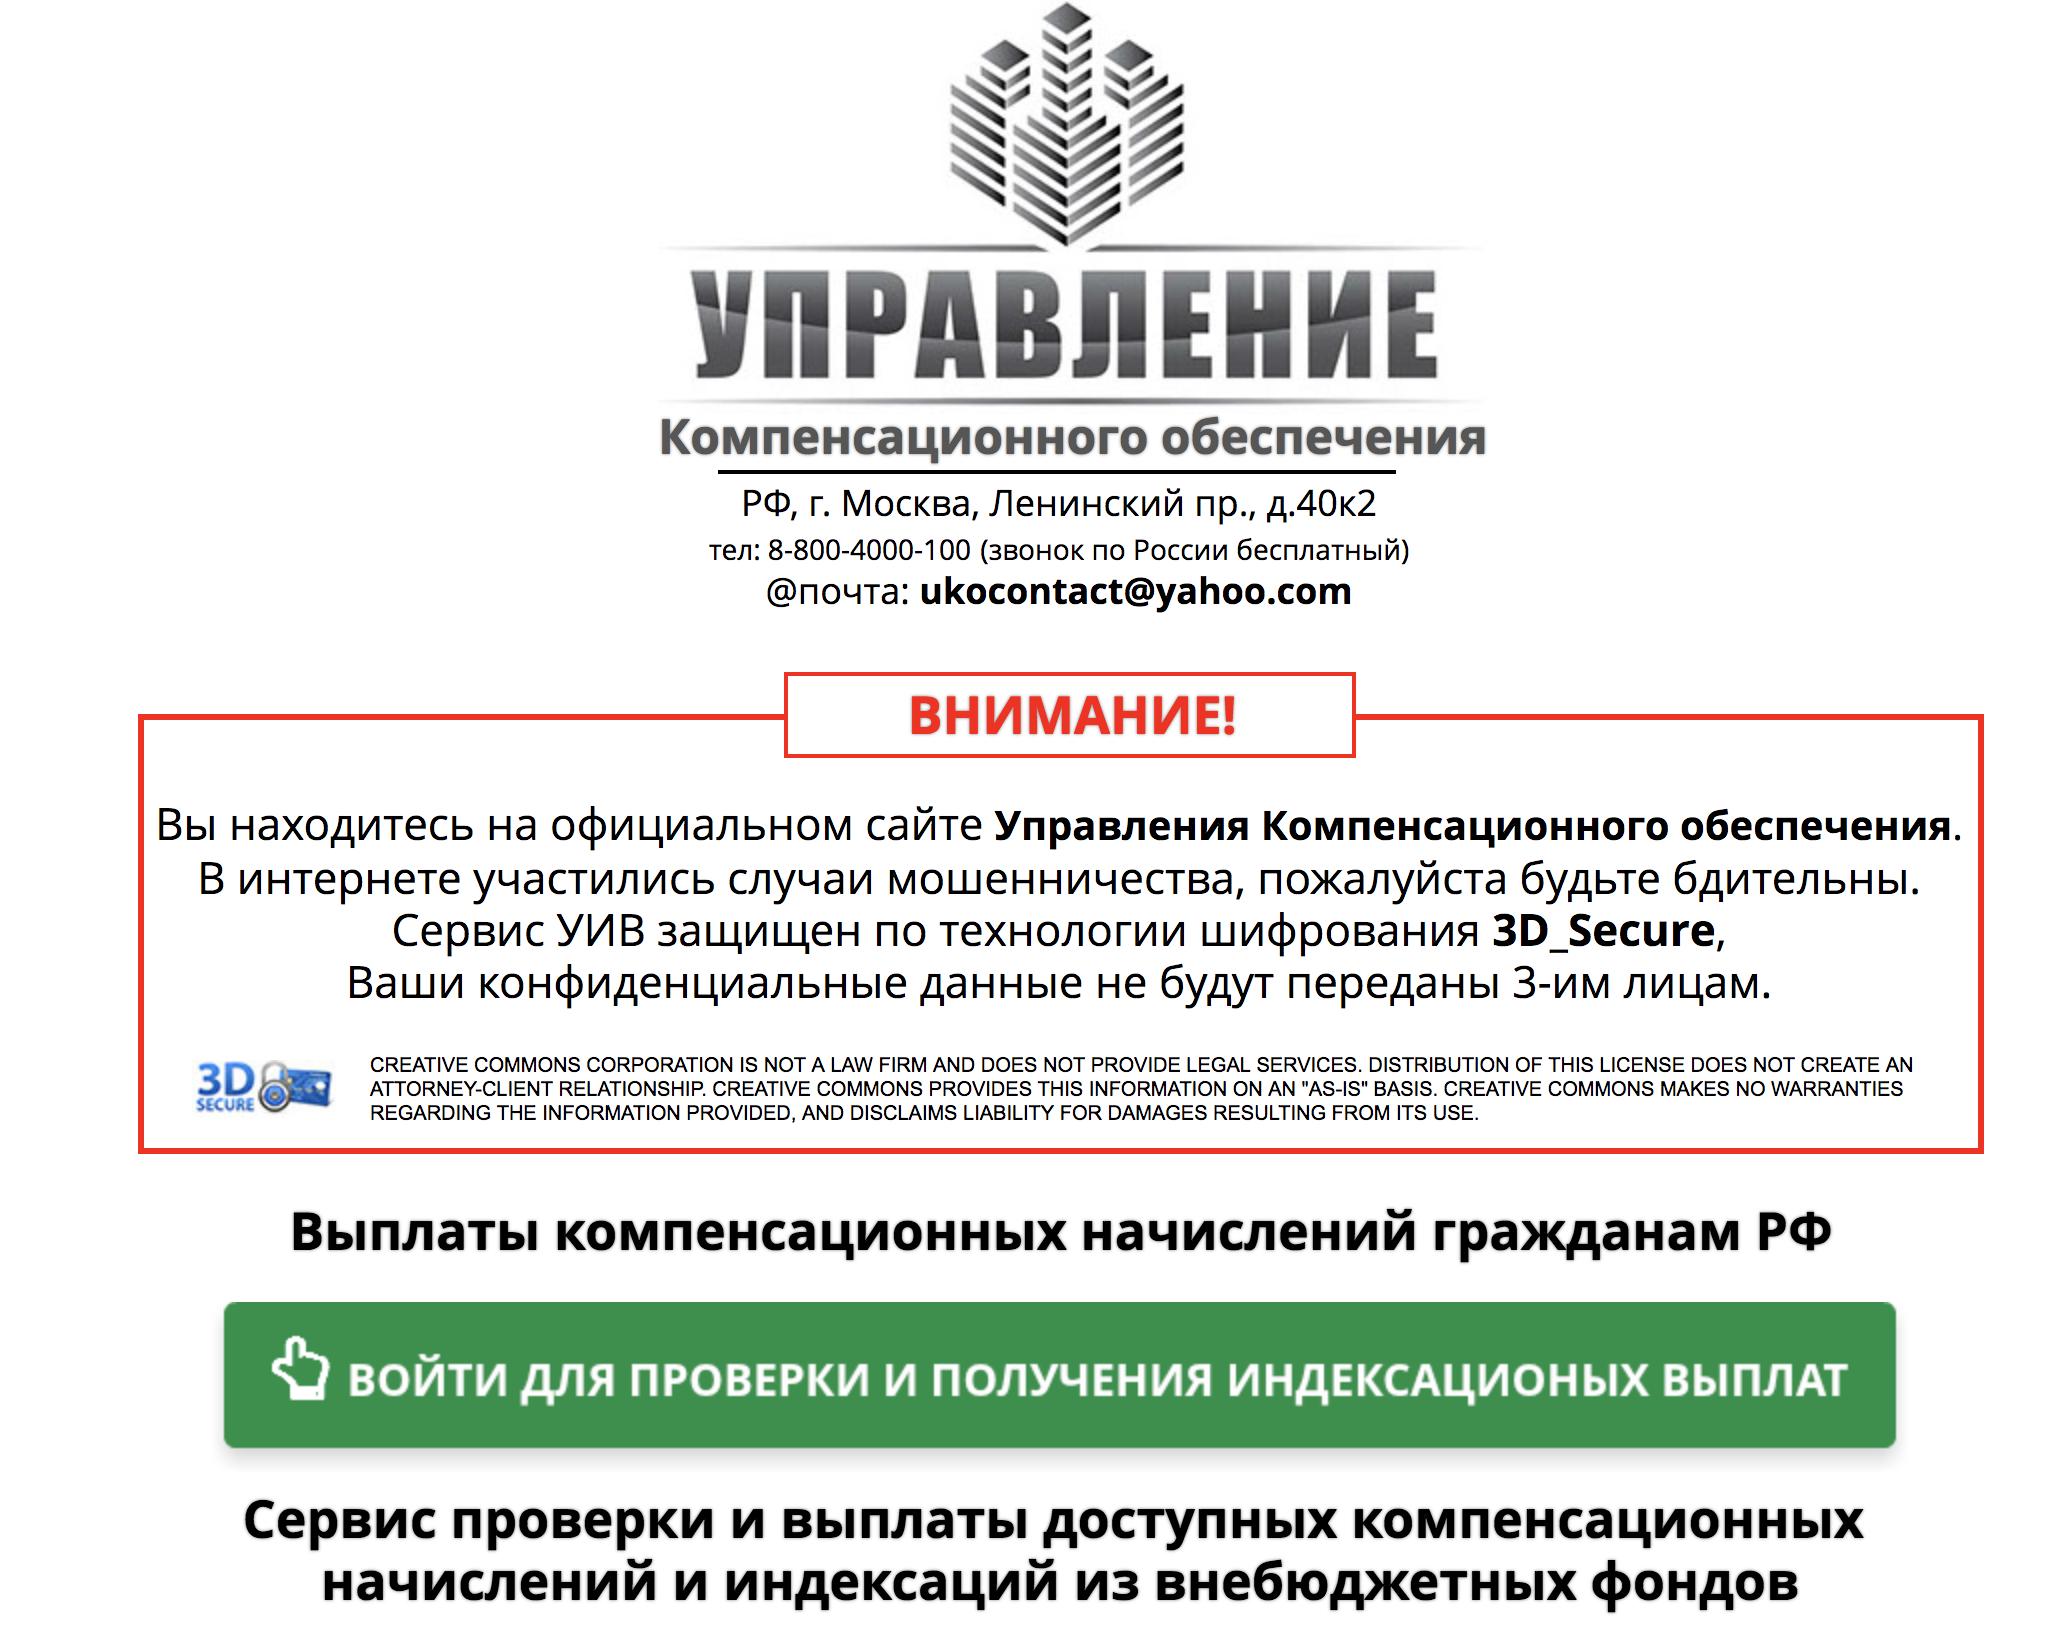 россия 24 это единственный российский информационный